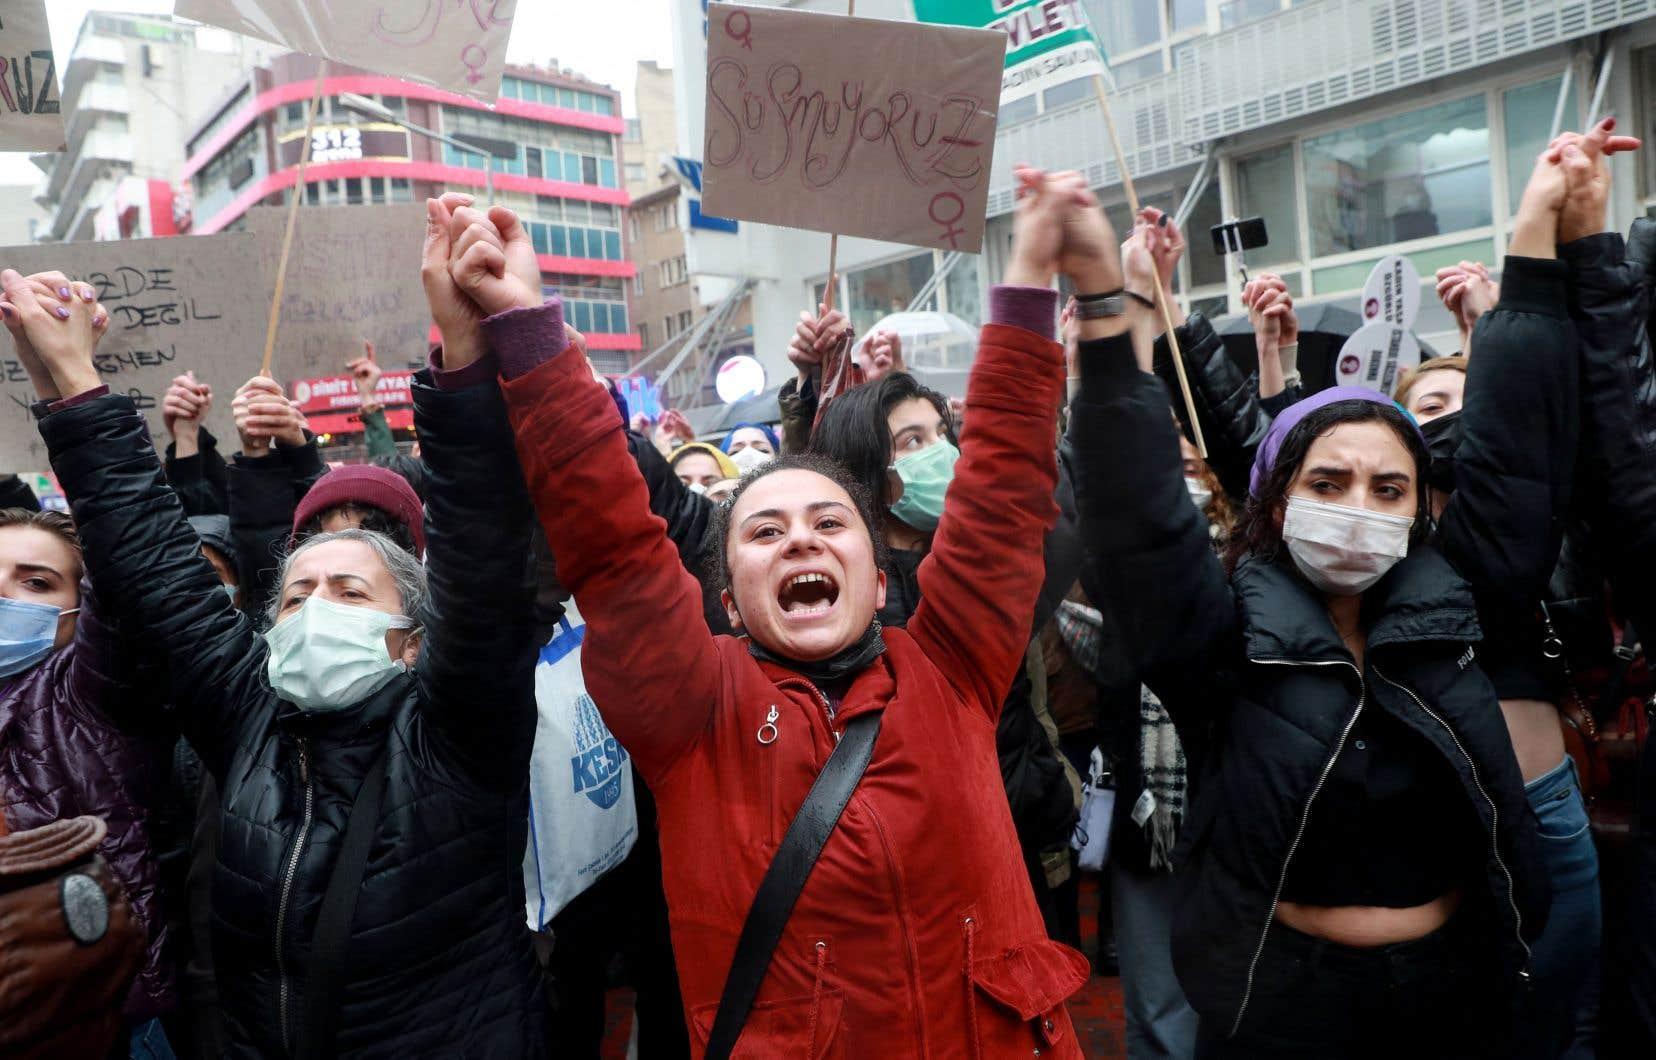 Cette décision, prise alors que les féminicides n'ont cessé d'augmenter depuis une décennie en Turquie, a suscité la colère des organisations de défense des droits des femmes et des critiques de l'Union européenne.